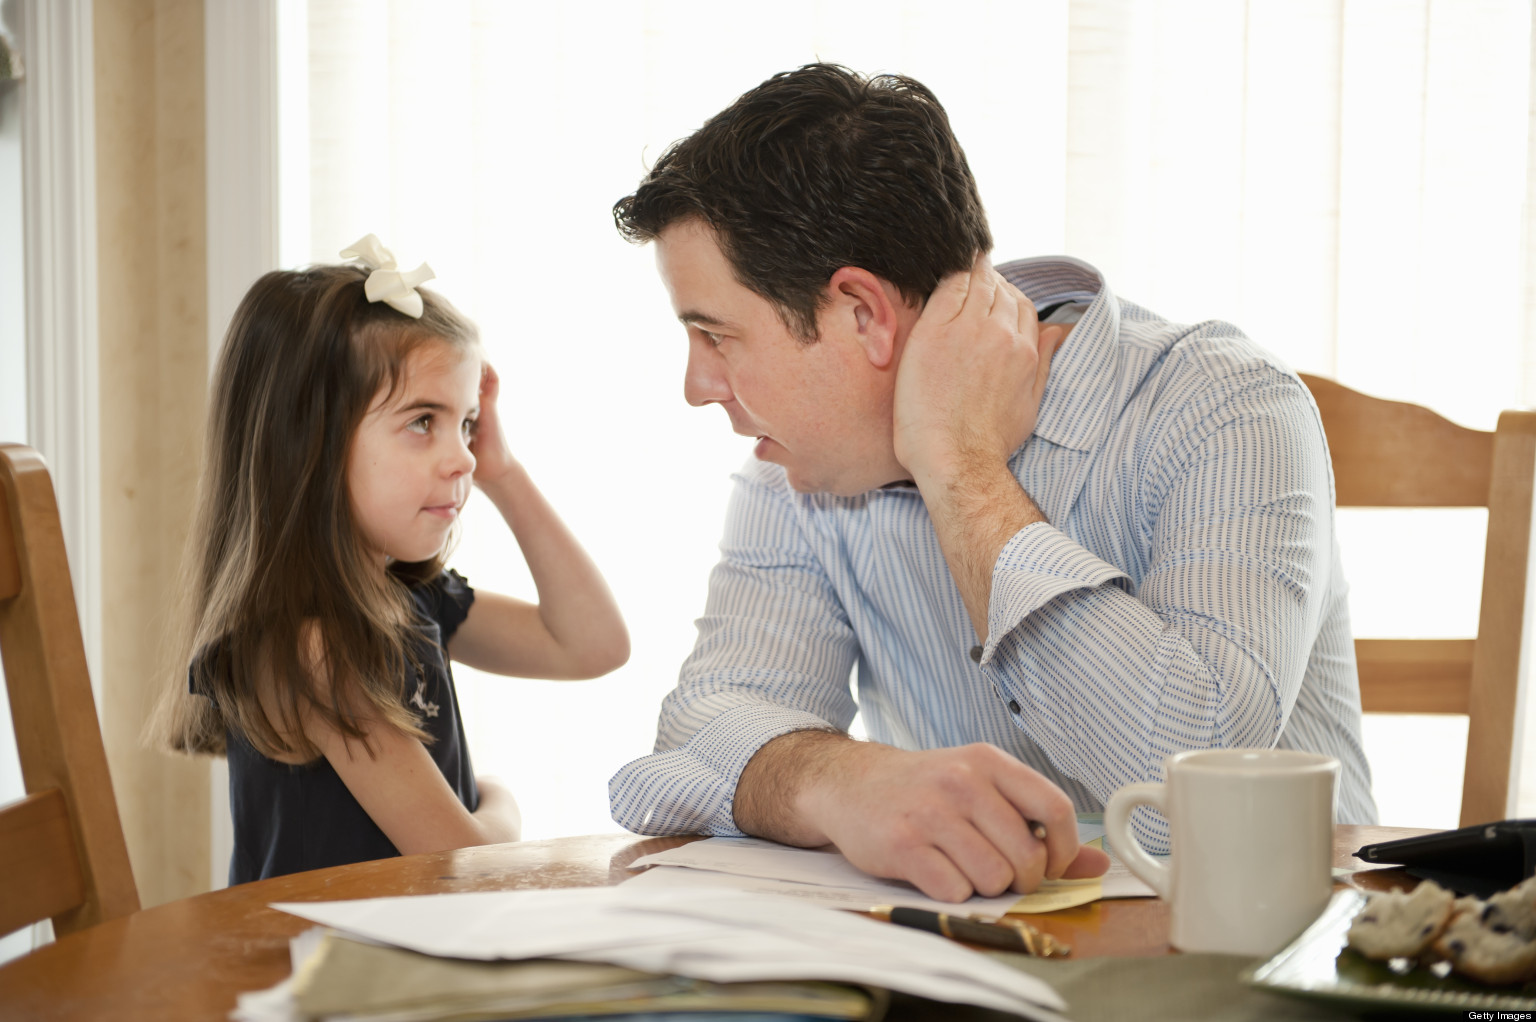 Discutii de evitat in fata copiilor Image